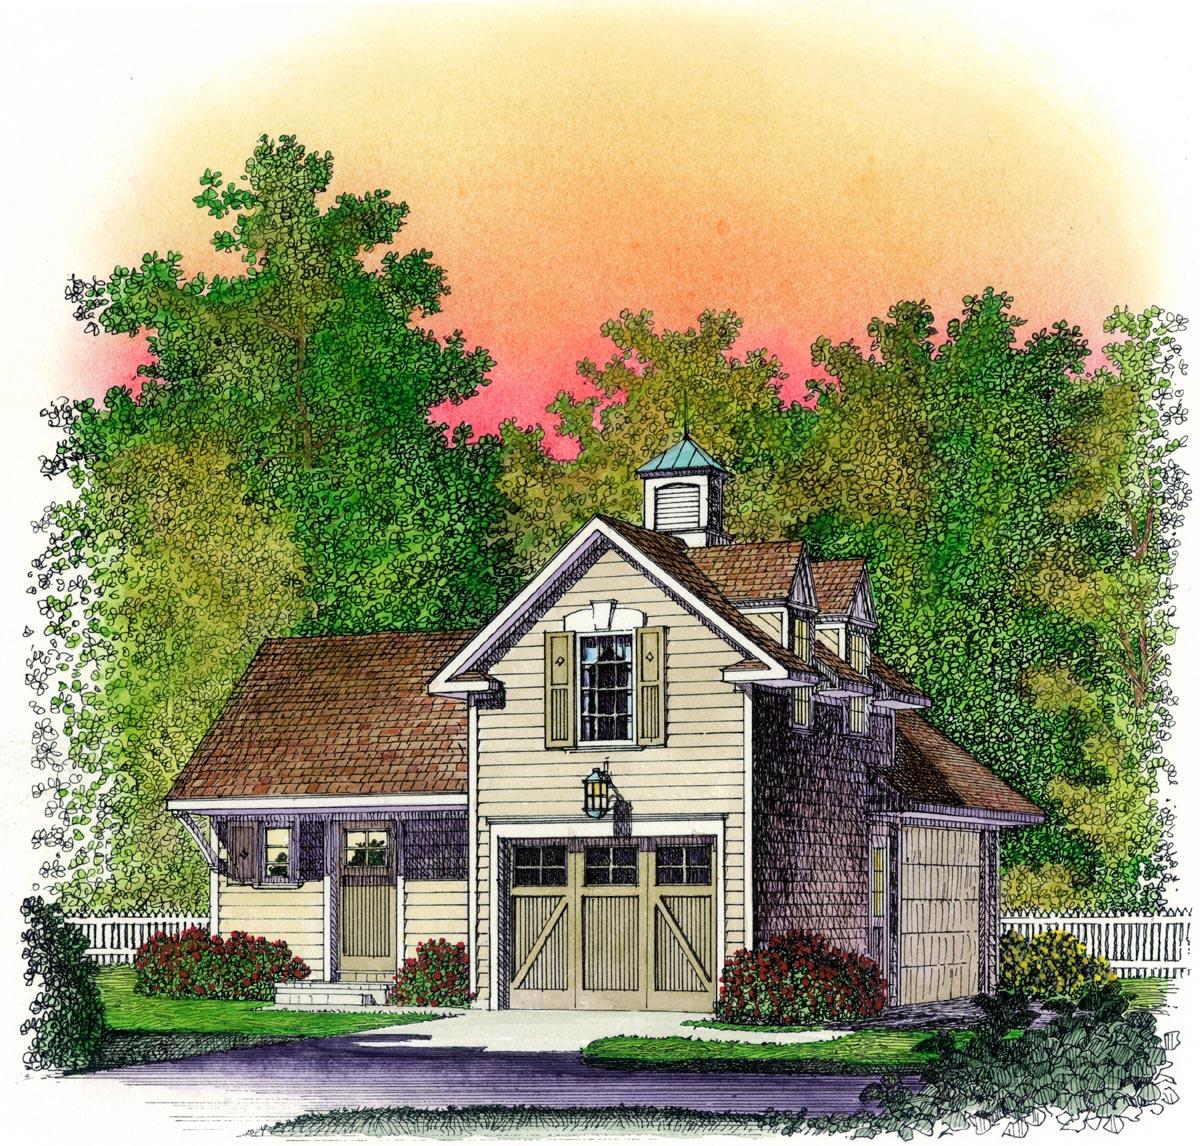 Garage Plan 95833 At Familyhomeplans Com: Garage Plan 86064 At FamilyHomePlans.com